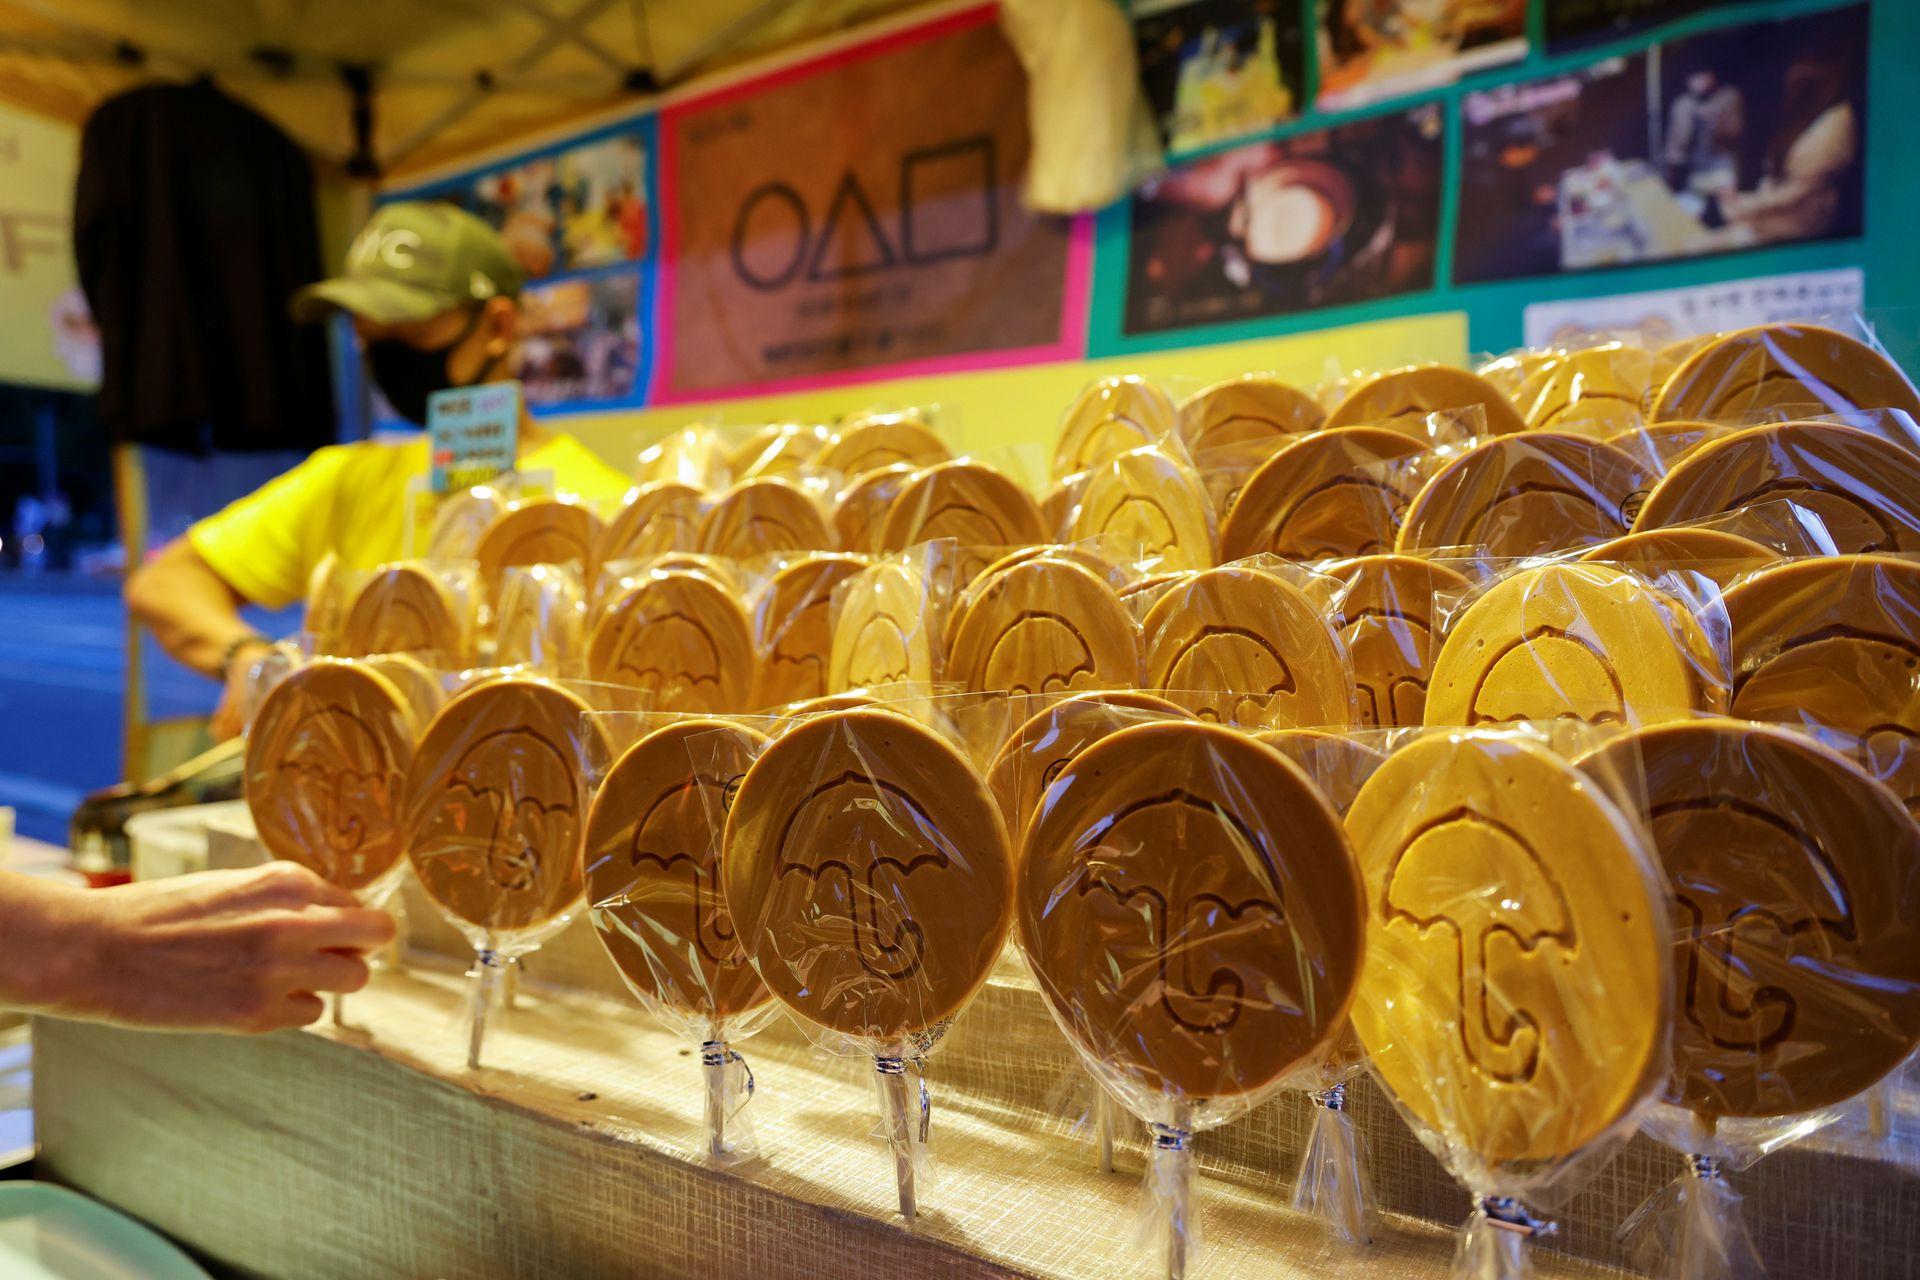 Quầy kẹo đường của An Yong-hui. Ảnh: Reuters